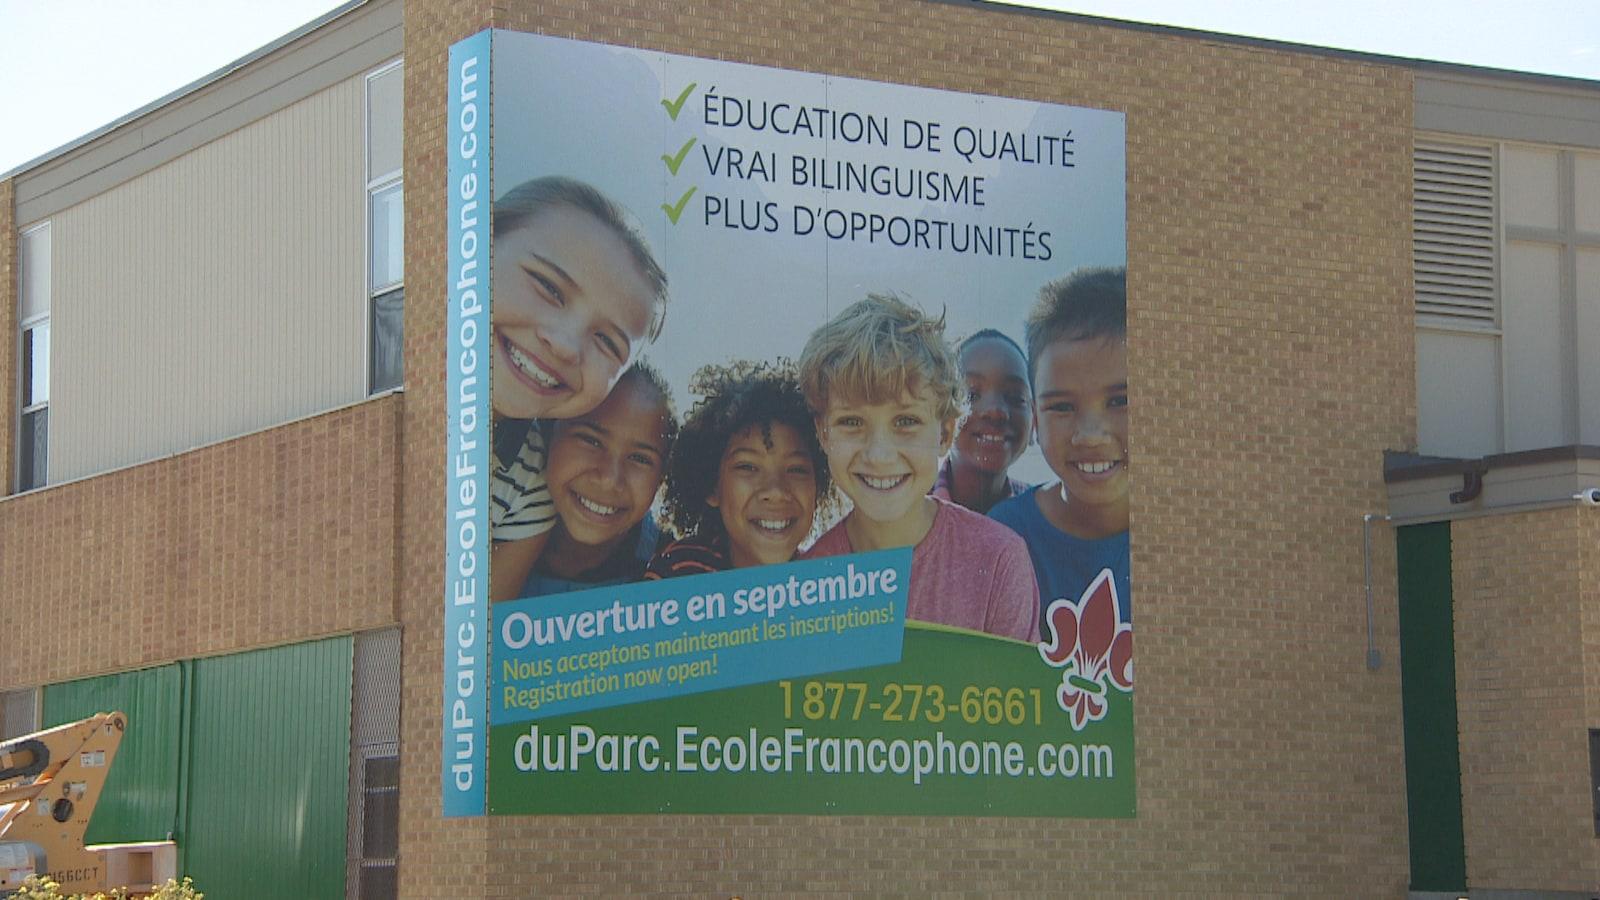 Un mur d'école en briques avec une grande affiche qui montre des jeunes souriants. Il est écrit que l'école ouvre en septembre.